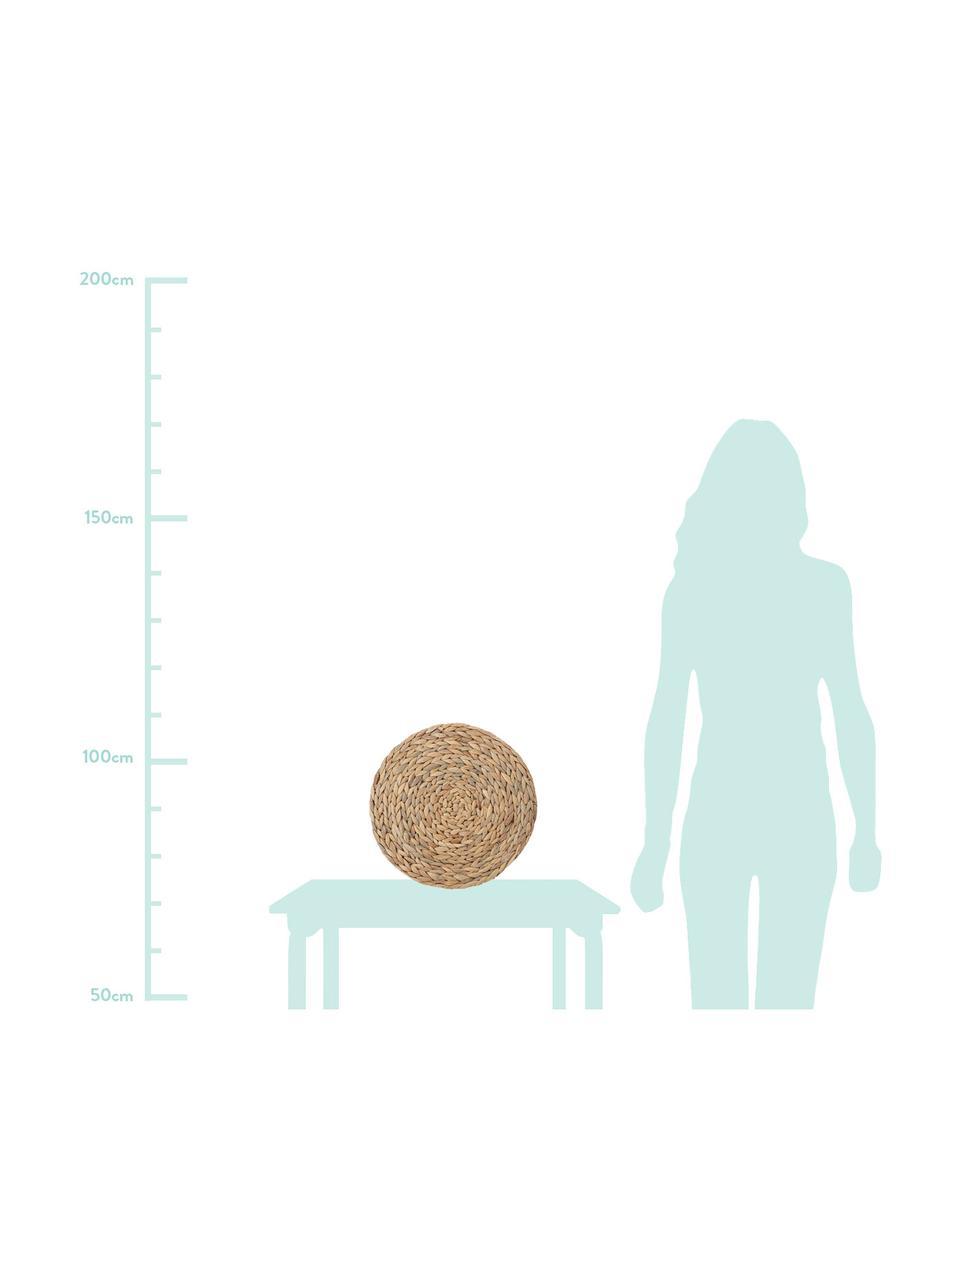 Okrągła podkładka Wanda, 4 szt., Hiacynt wodny, Beżowy, Ø 35 cm